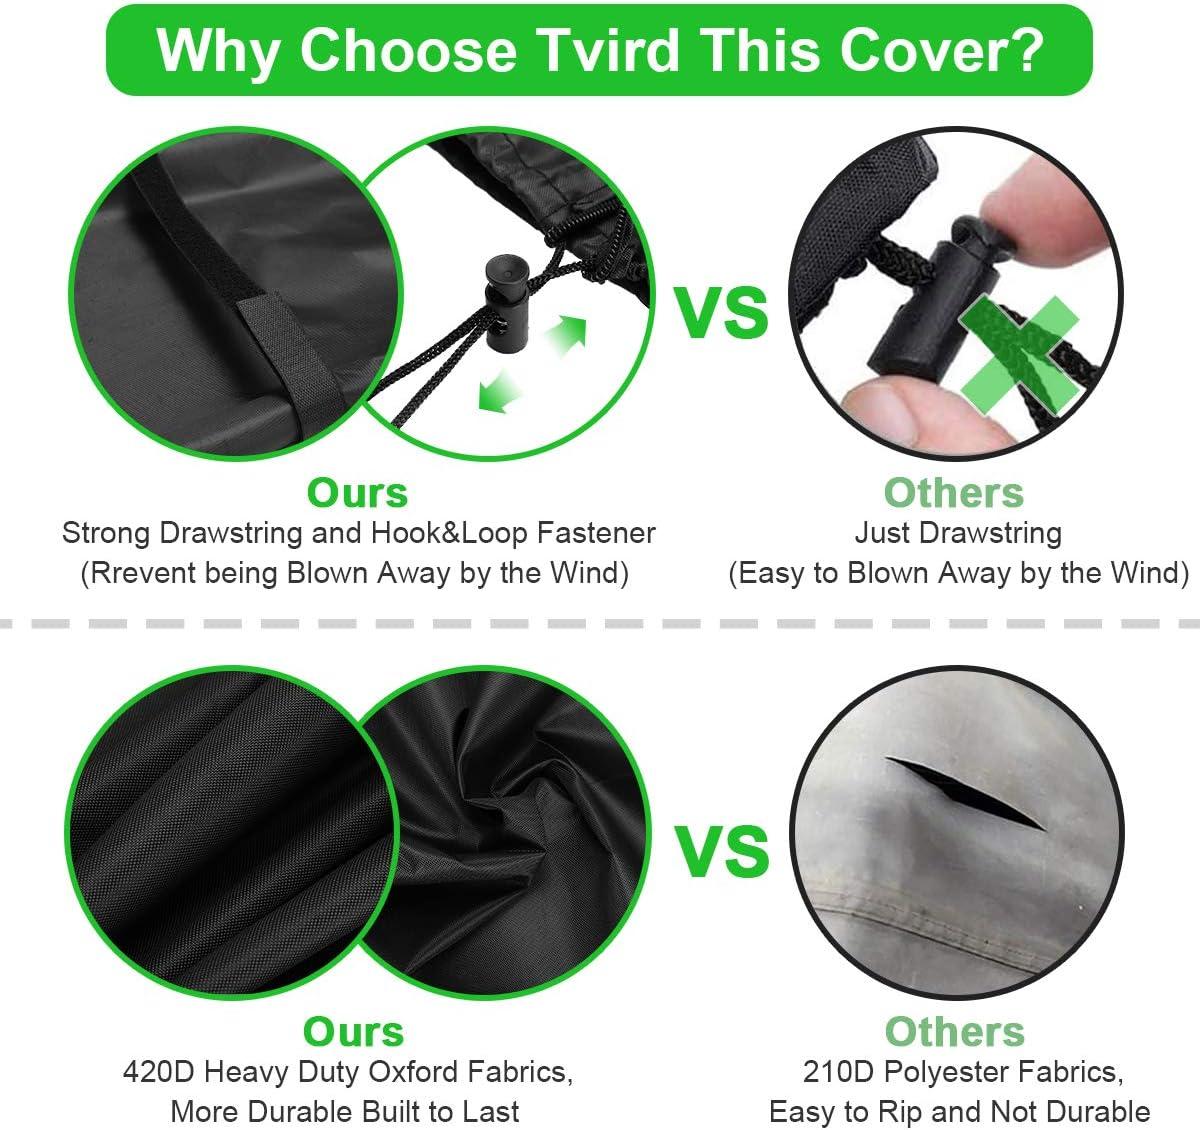 Tvird Copriombrellone Copertura per Ombrellone Impermeabile Resistente Strappo Telo 420D Oxford